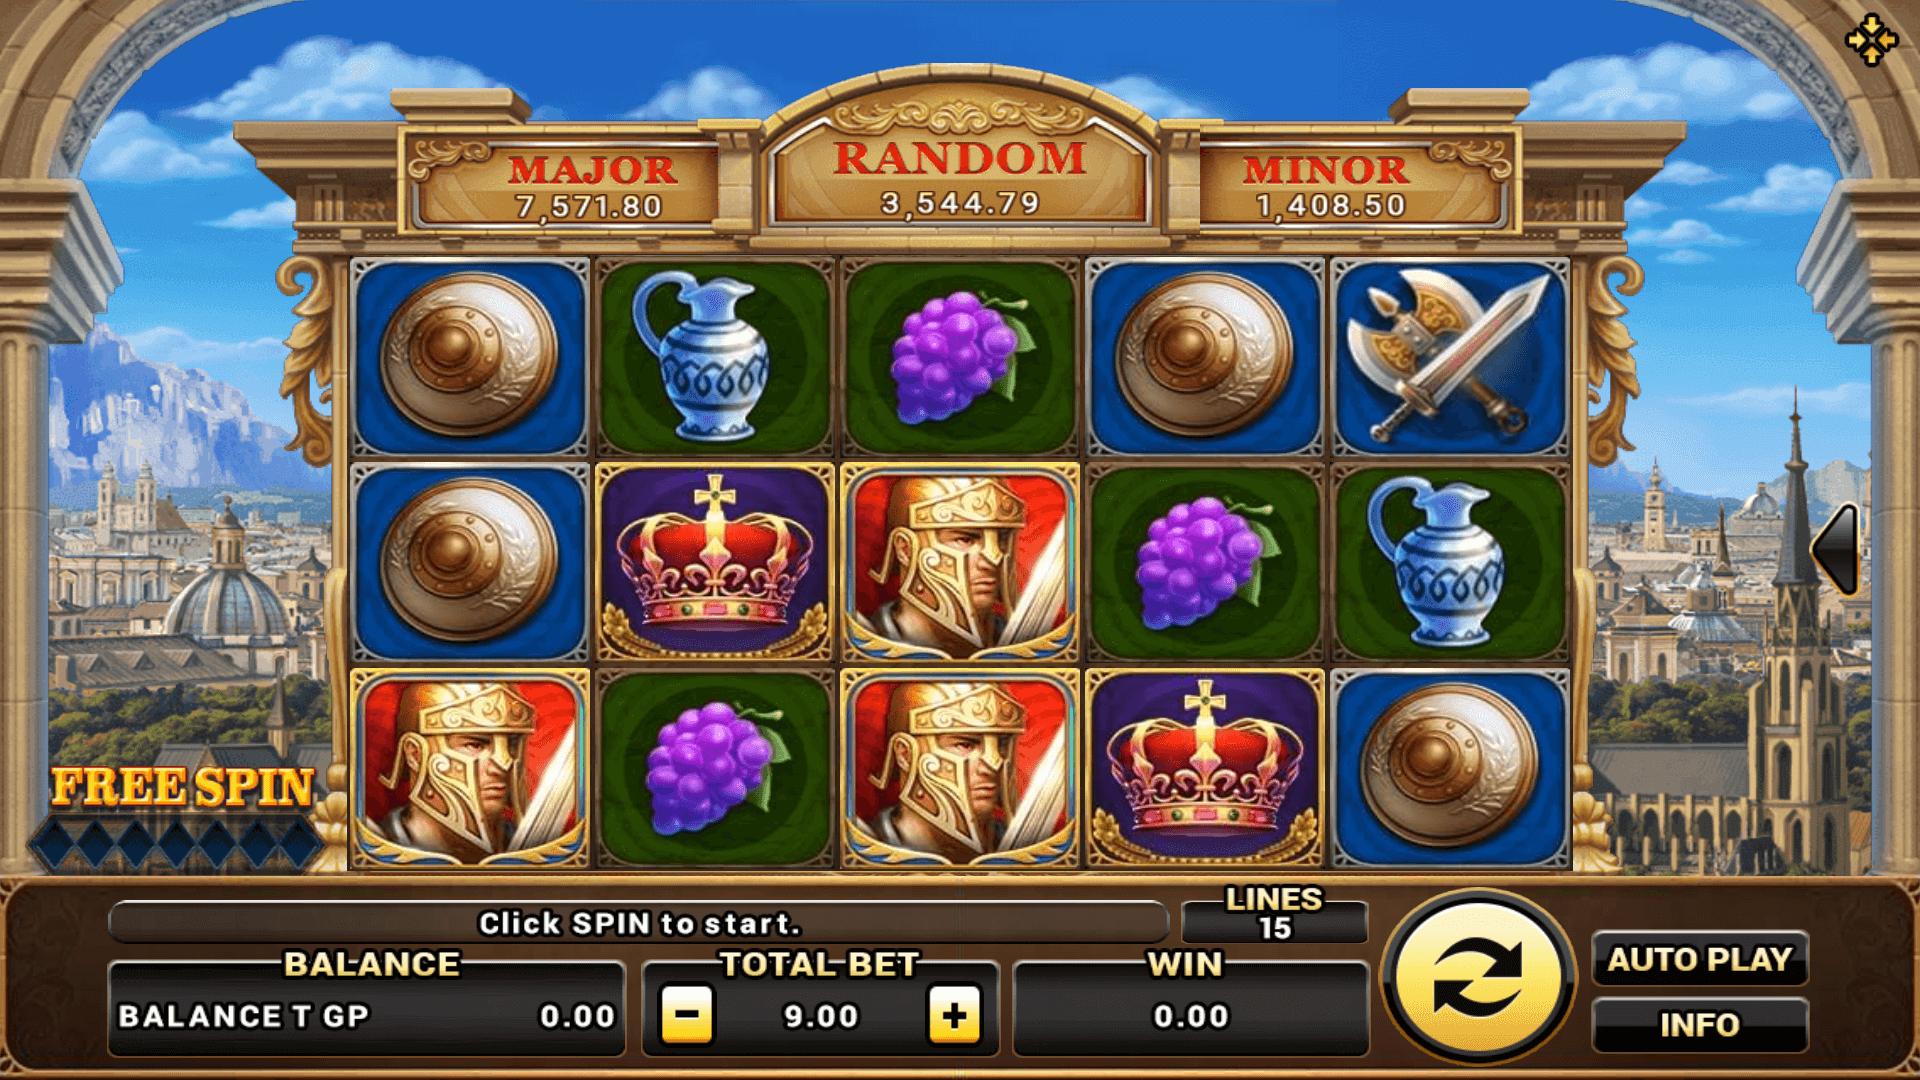 สล็อต 9 มี Slot ให้เลือกเล่นมากกว่า 500 เกม Roma